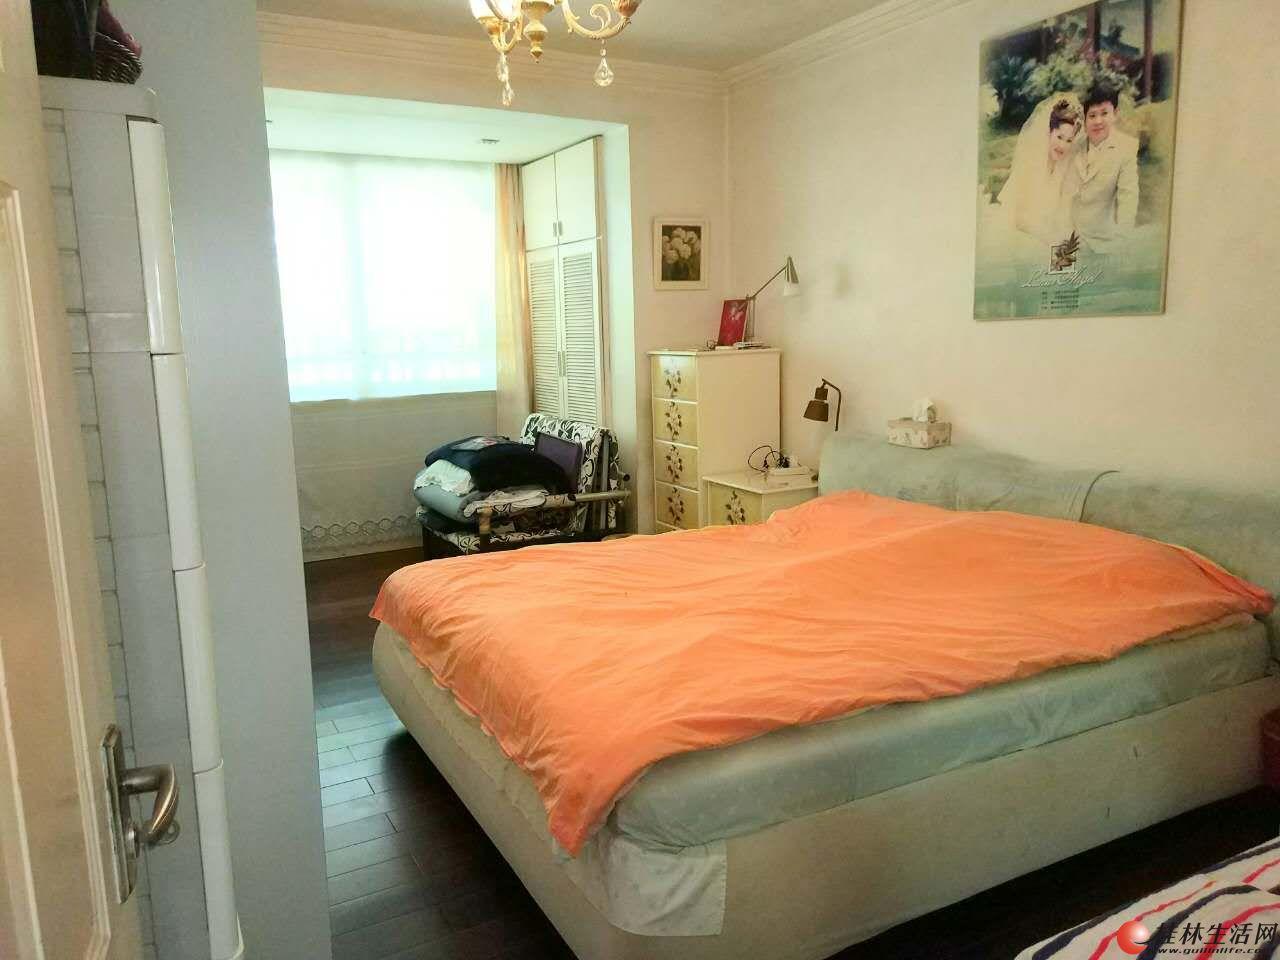 T丽君路西山公园旁豪装3房2厅2卫90万,房子超值欢迎看房